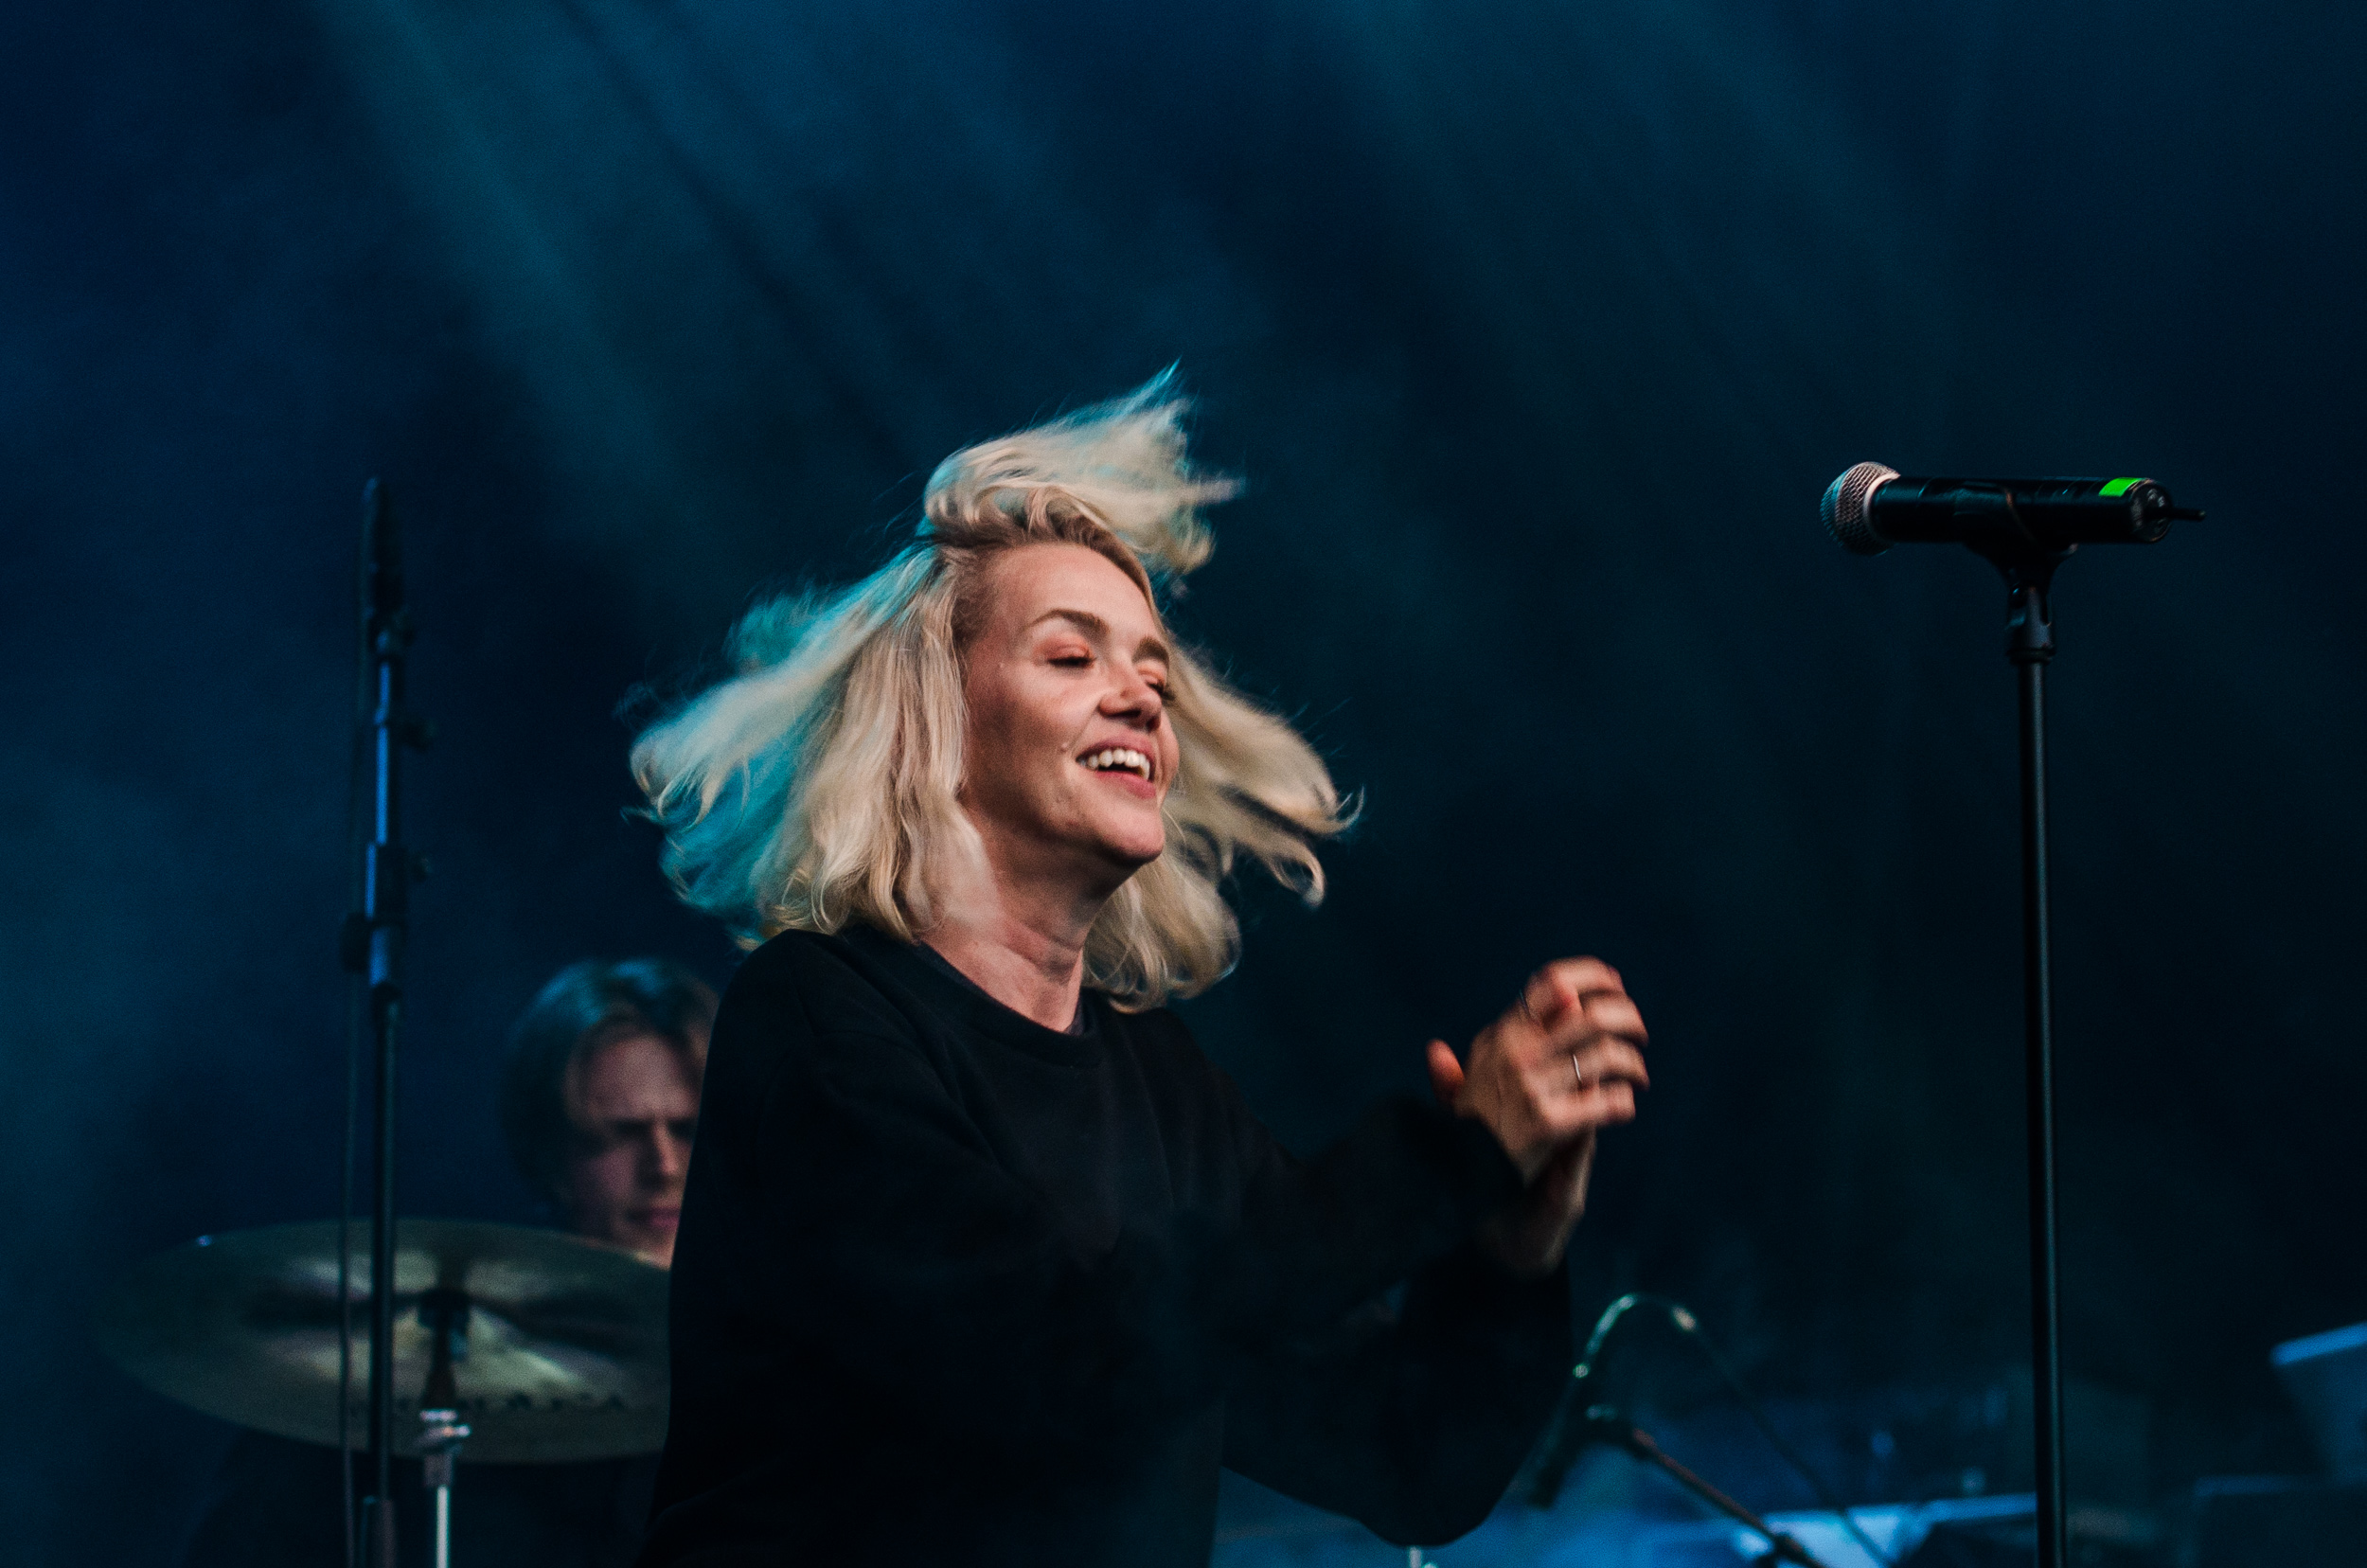 Ana Diaz på Musikens Makt i Luleå